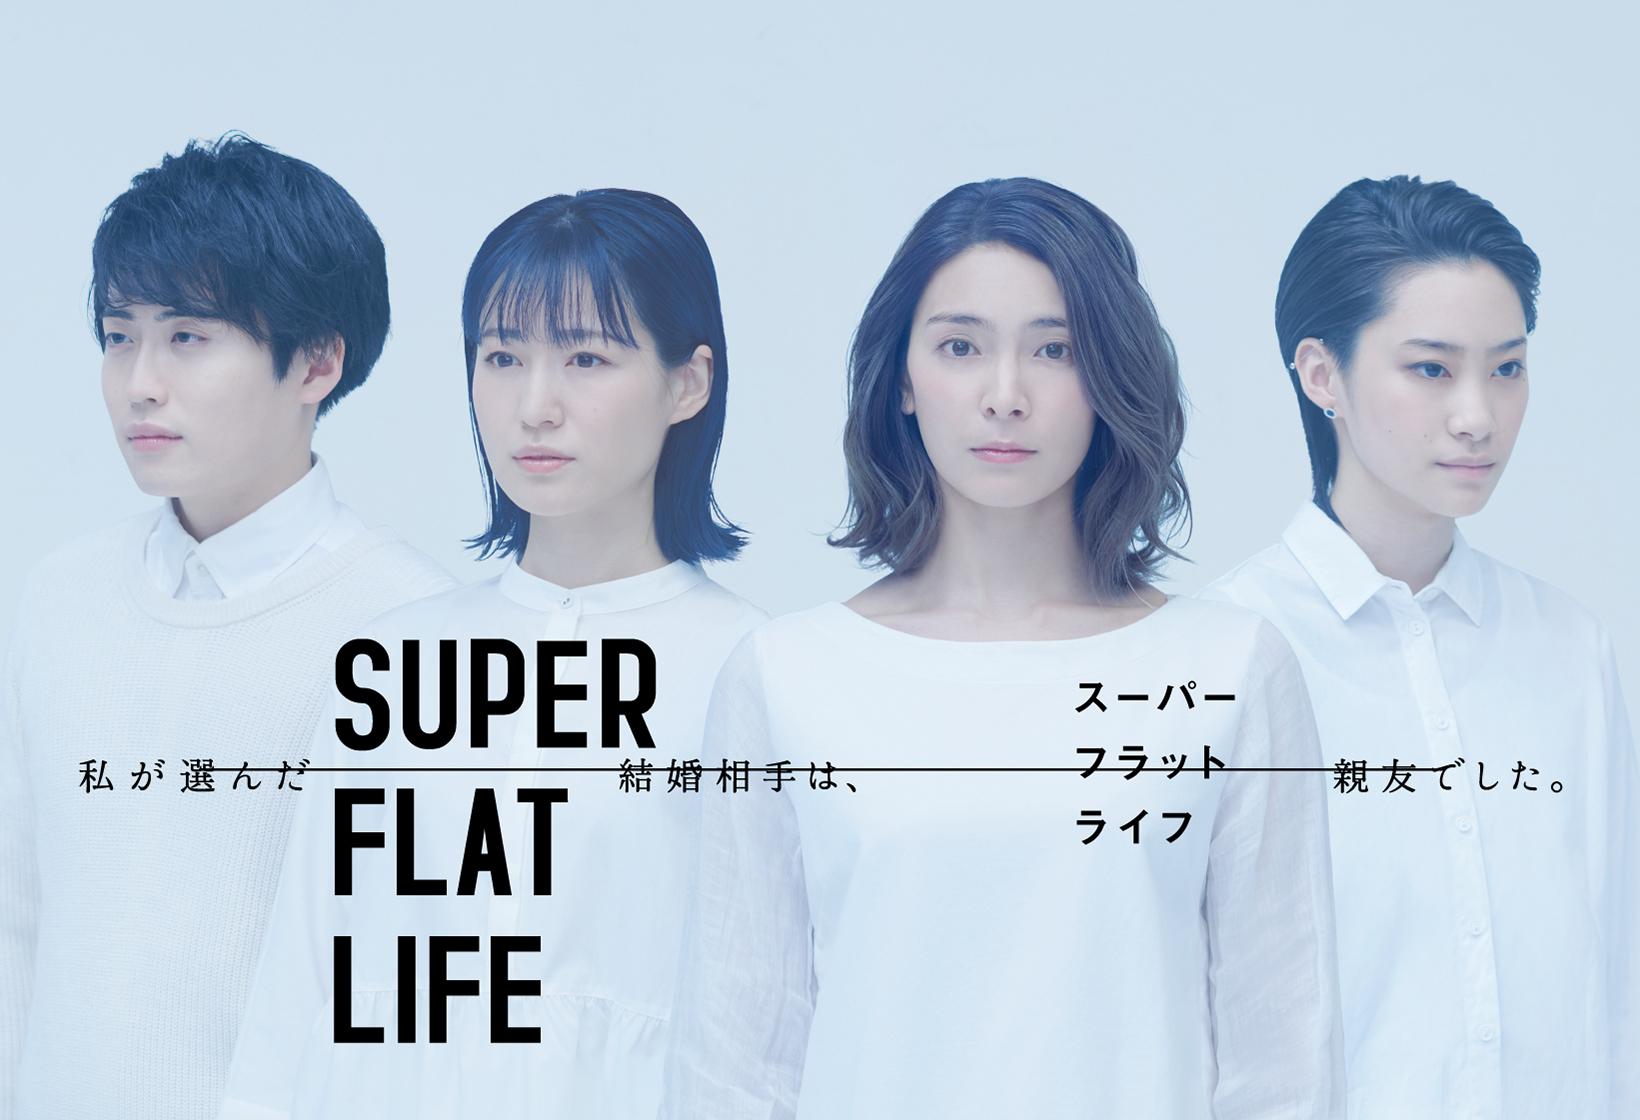 SUPER FLAT LIFE